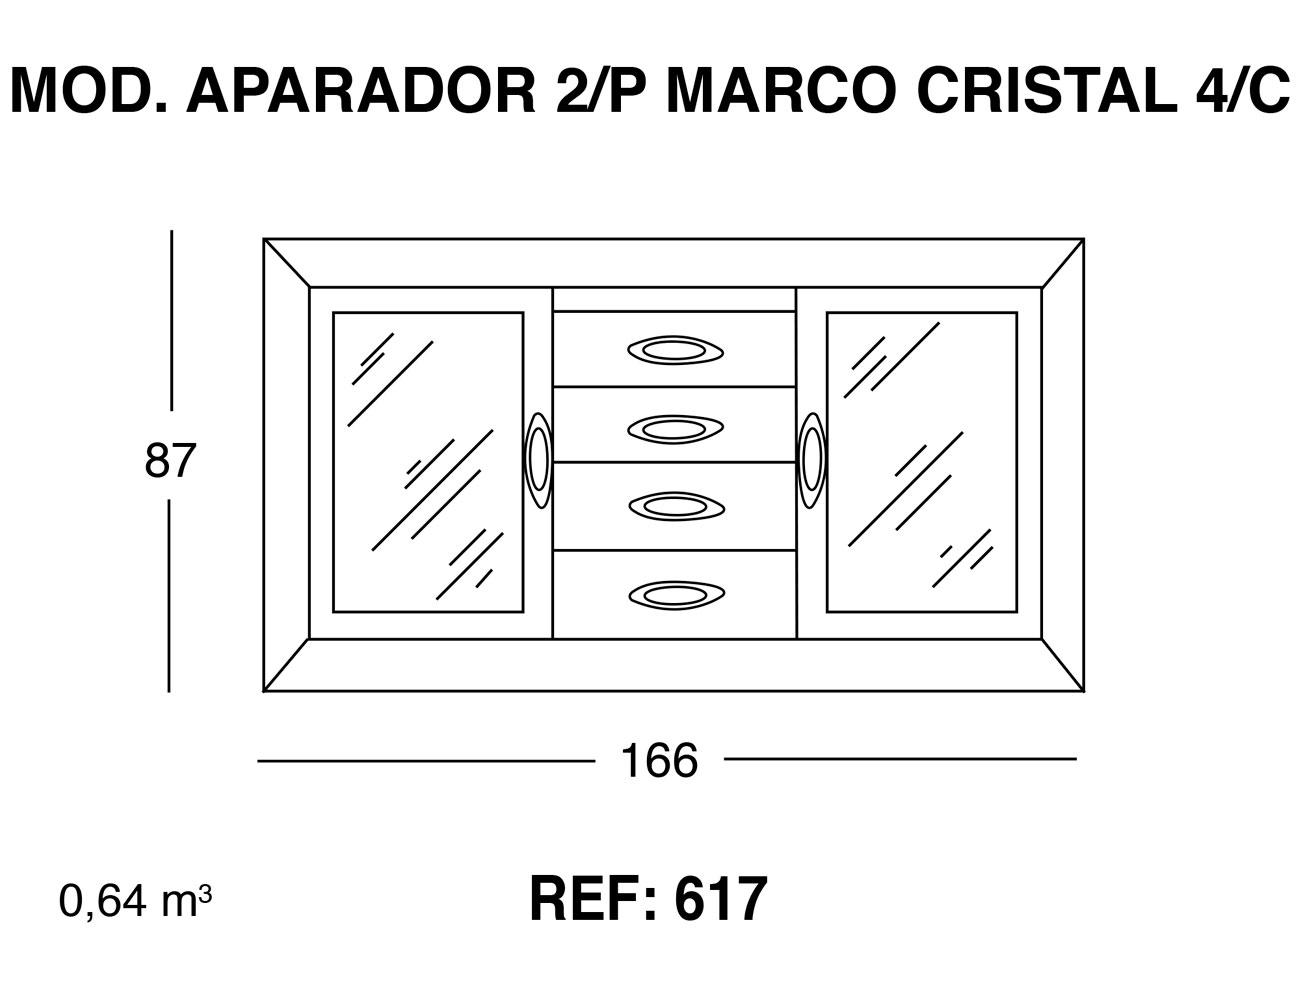 Modulo aparador 2p marco cristal 4 cajones